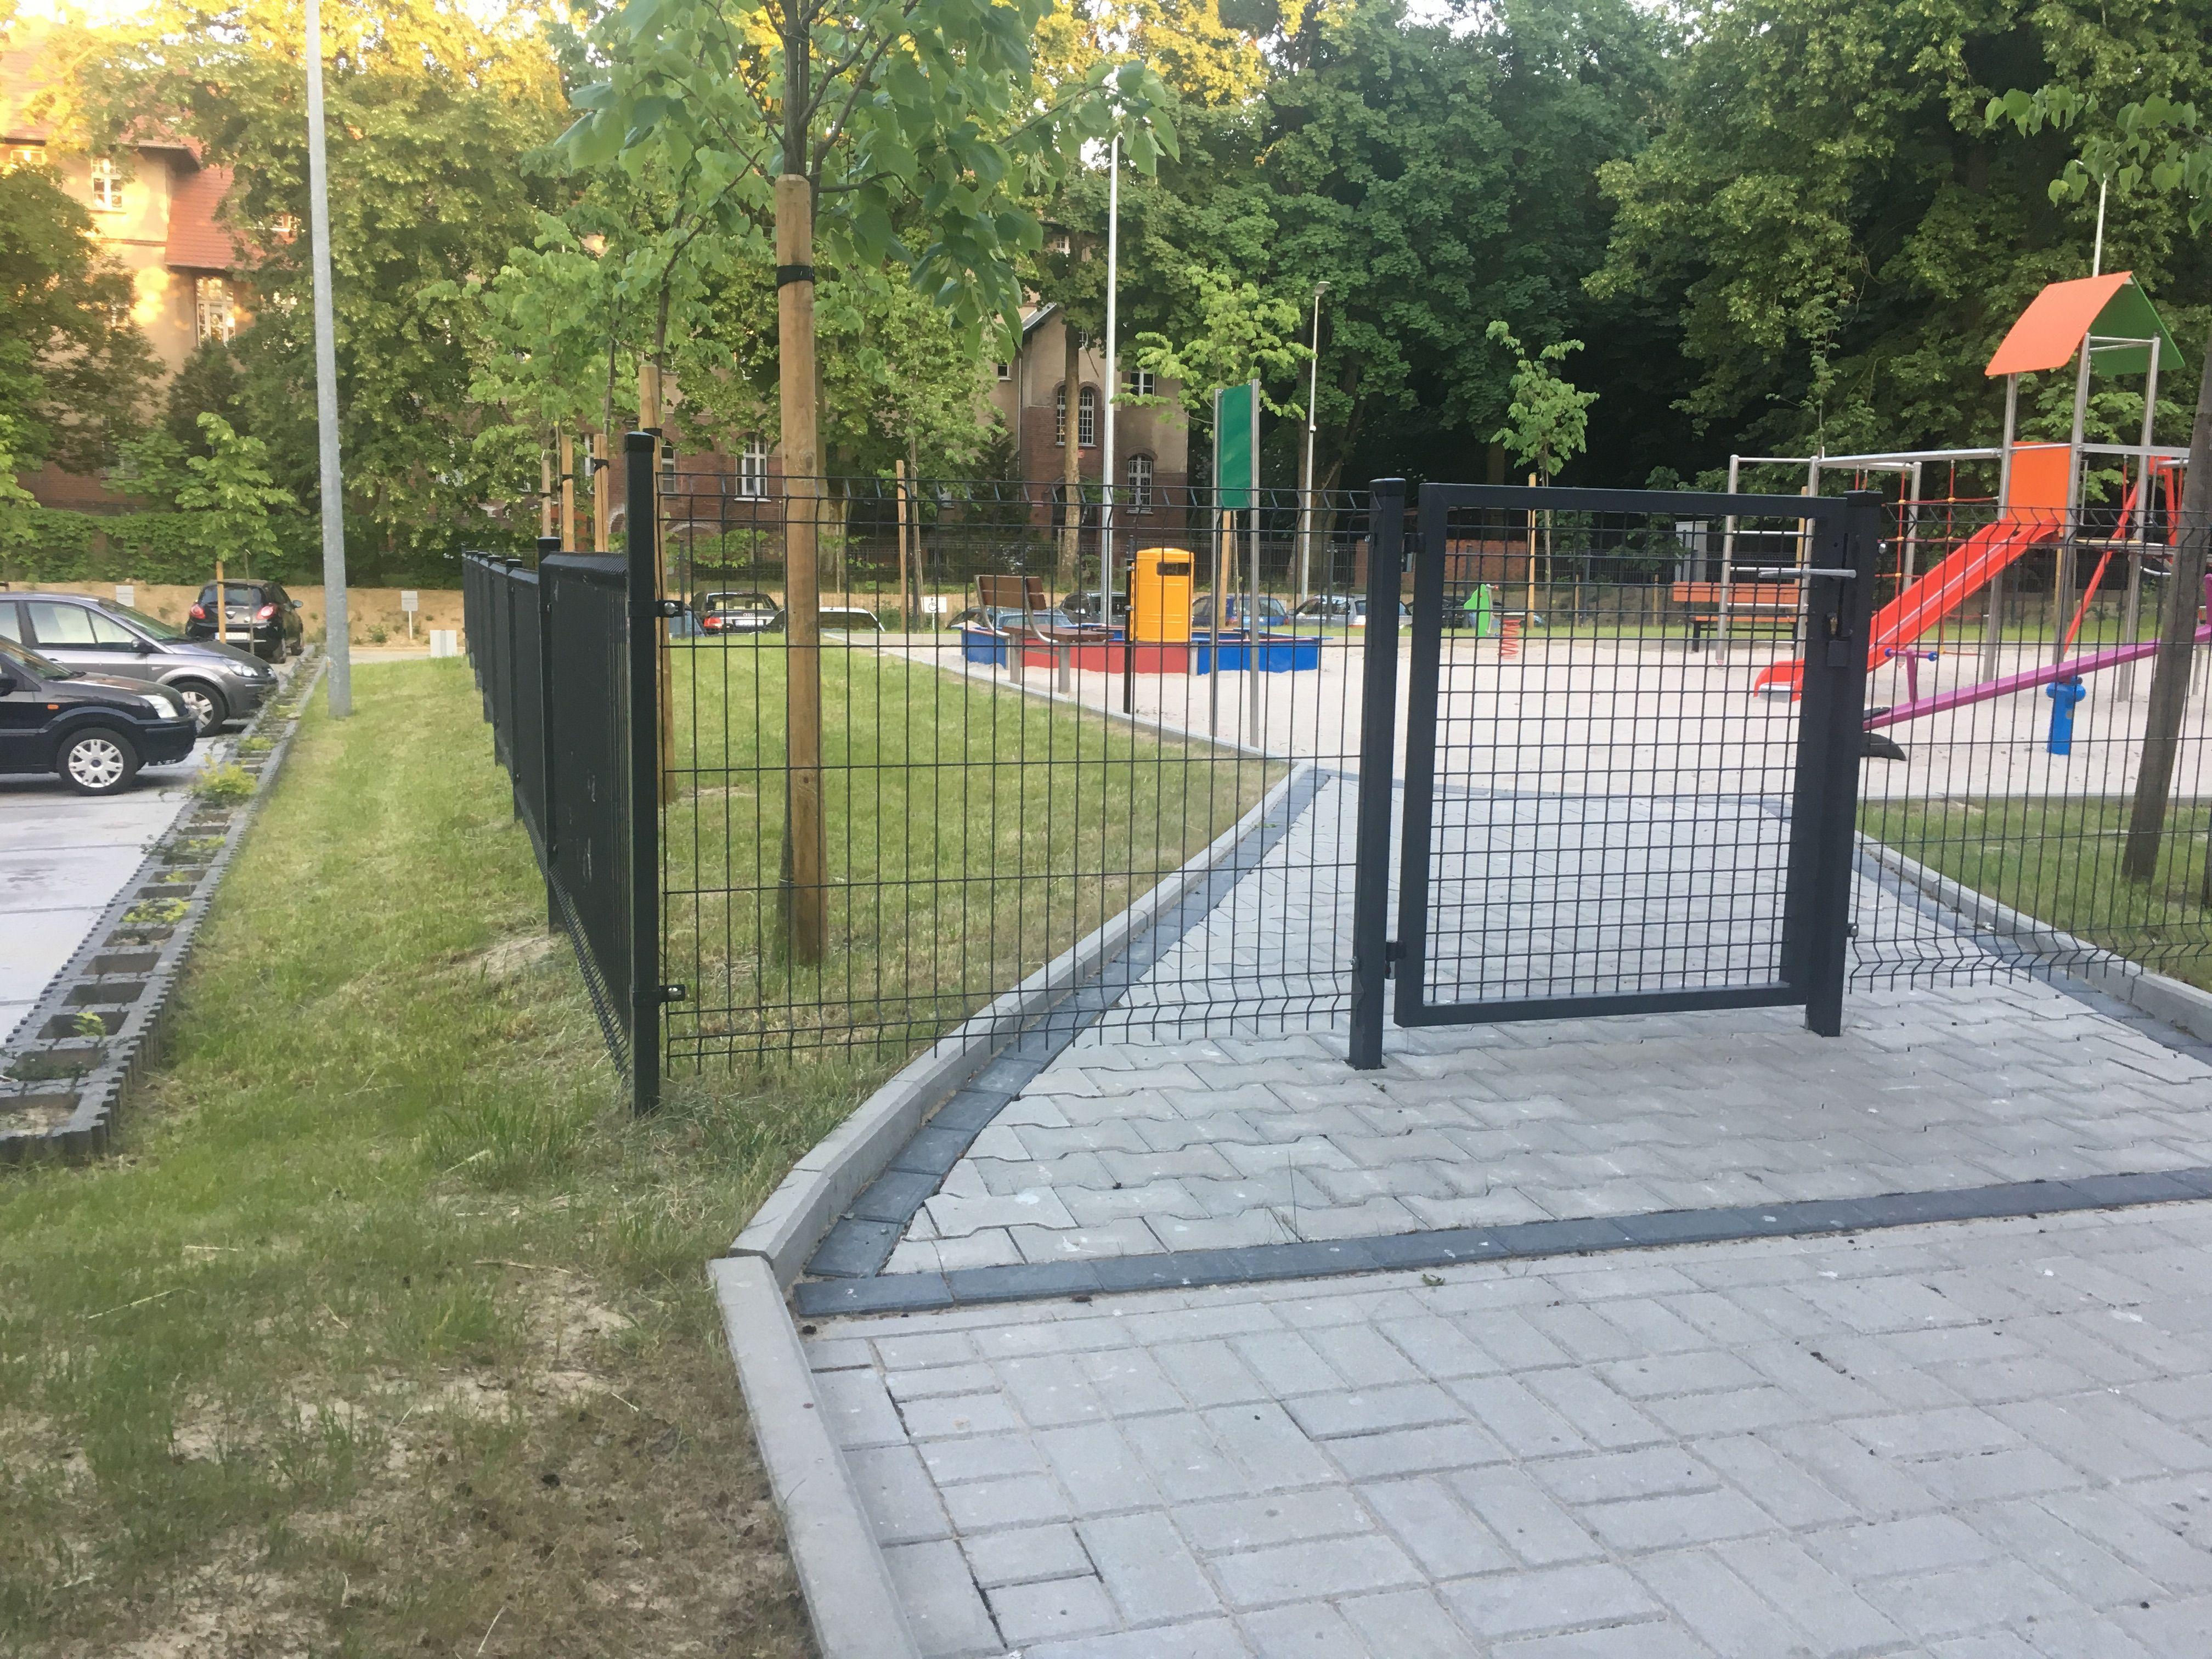 Plac Zabaw Ogrodzenie Structures Sidewalk